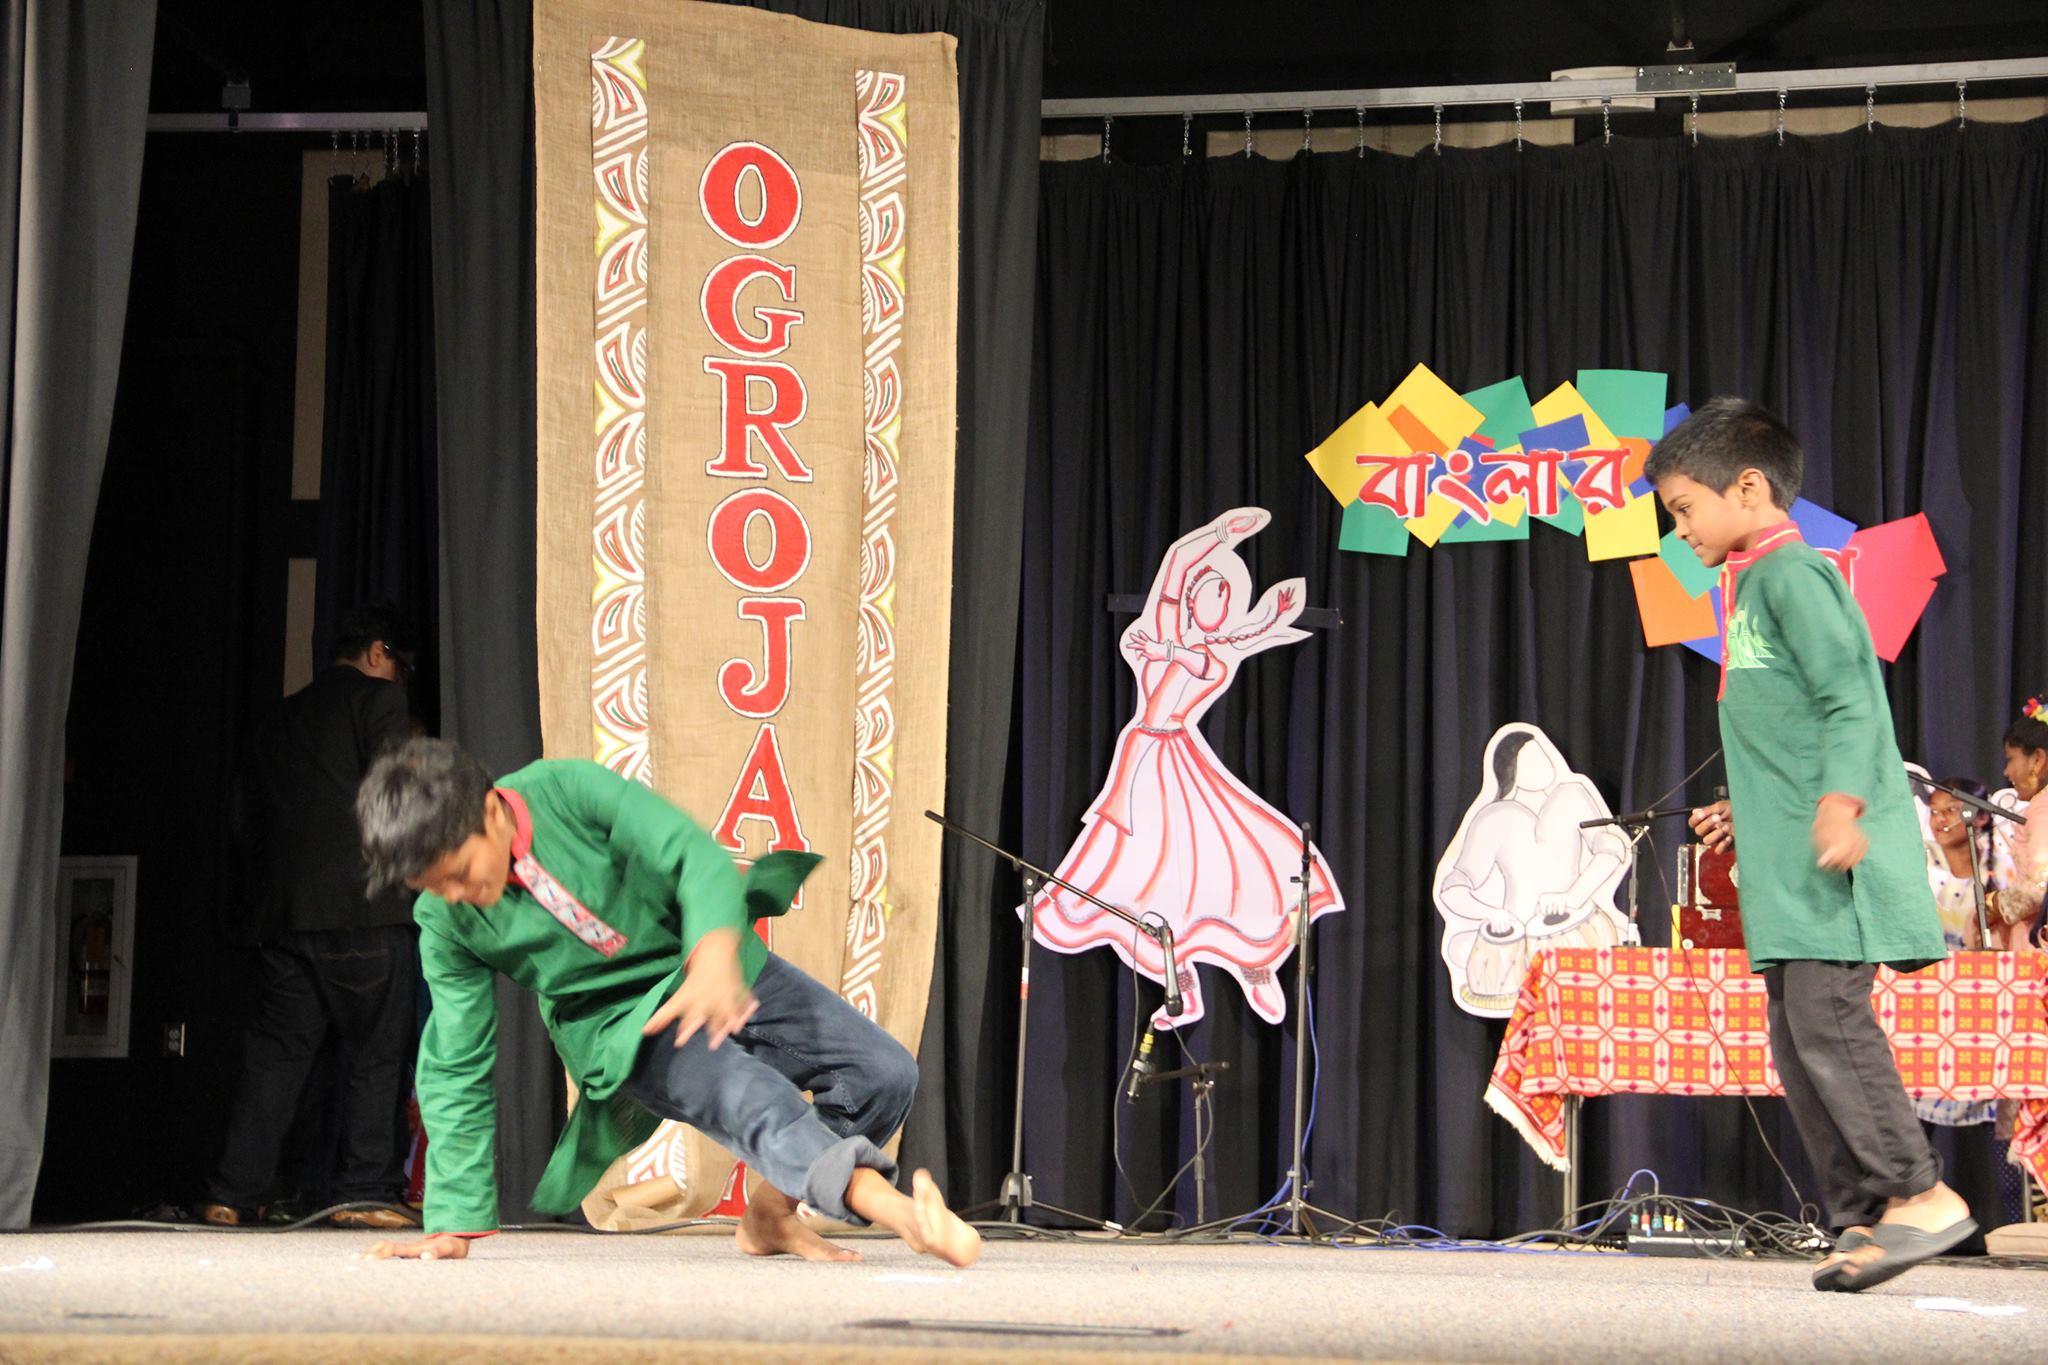 Ogrojatra Boishaki event 2017 19